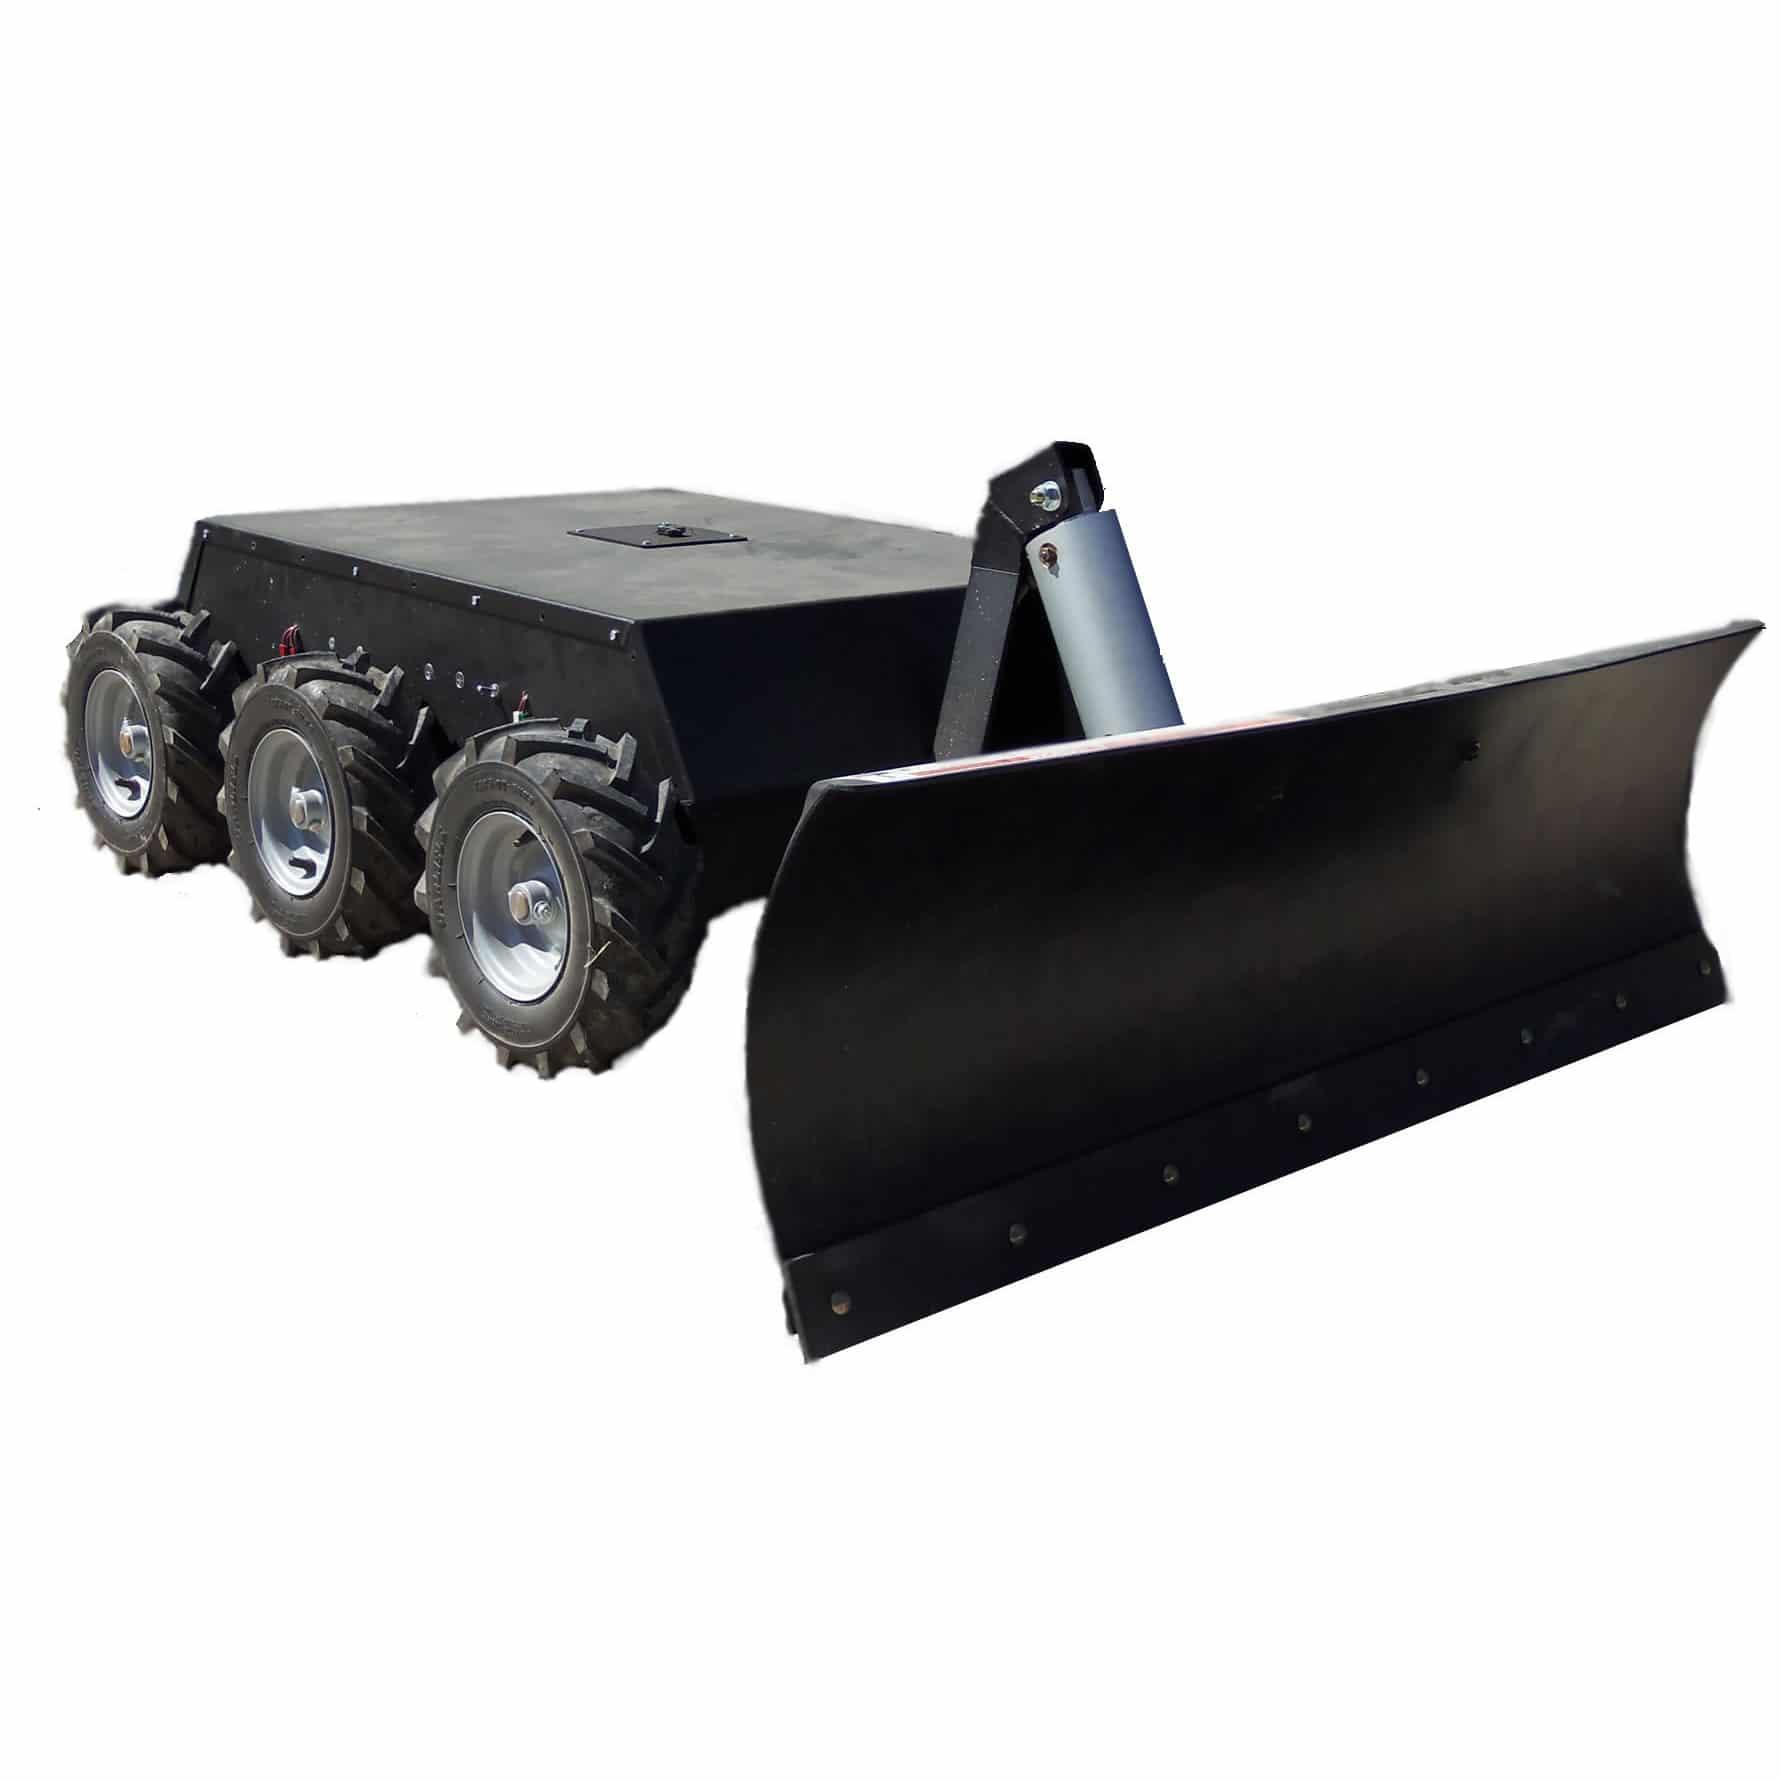 rc 6wd robot with snow plow erfrierungsfreies schippen mit dem schneepflug roboter. Black Bedroom Furniture Sets. Home Design Ideas